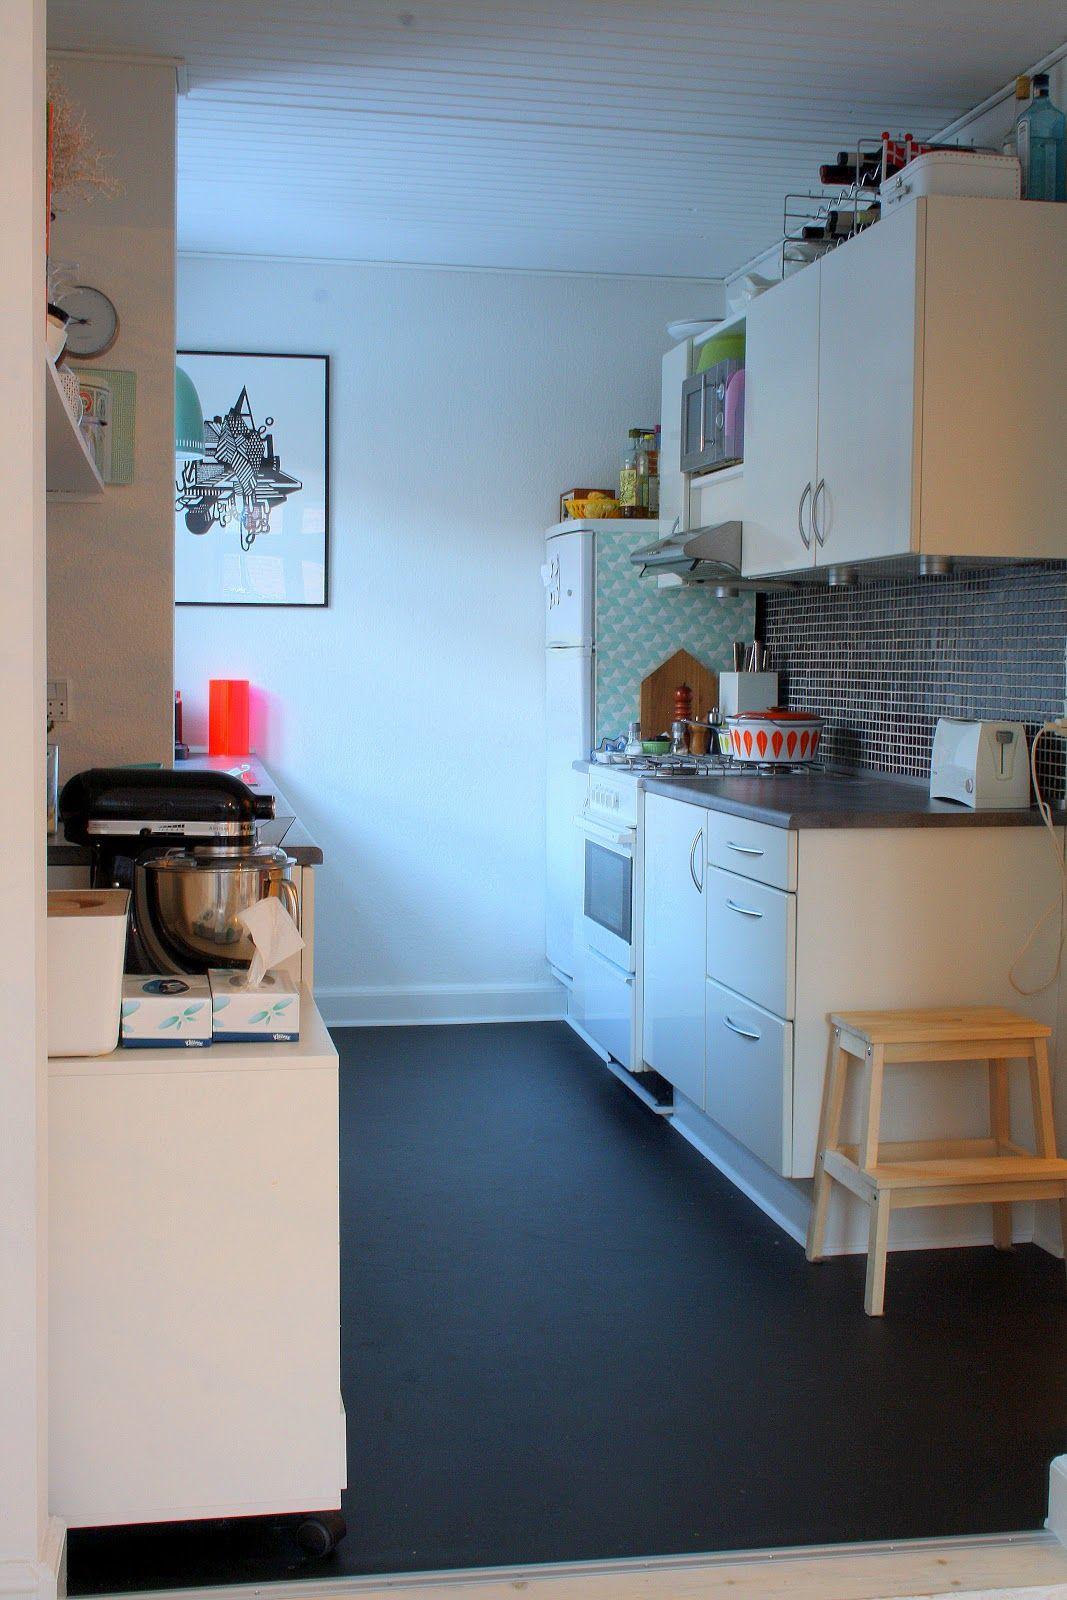 Billedresultat for linoleumsgulv køkken   Home in 2018   Pinterest